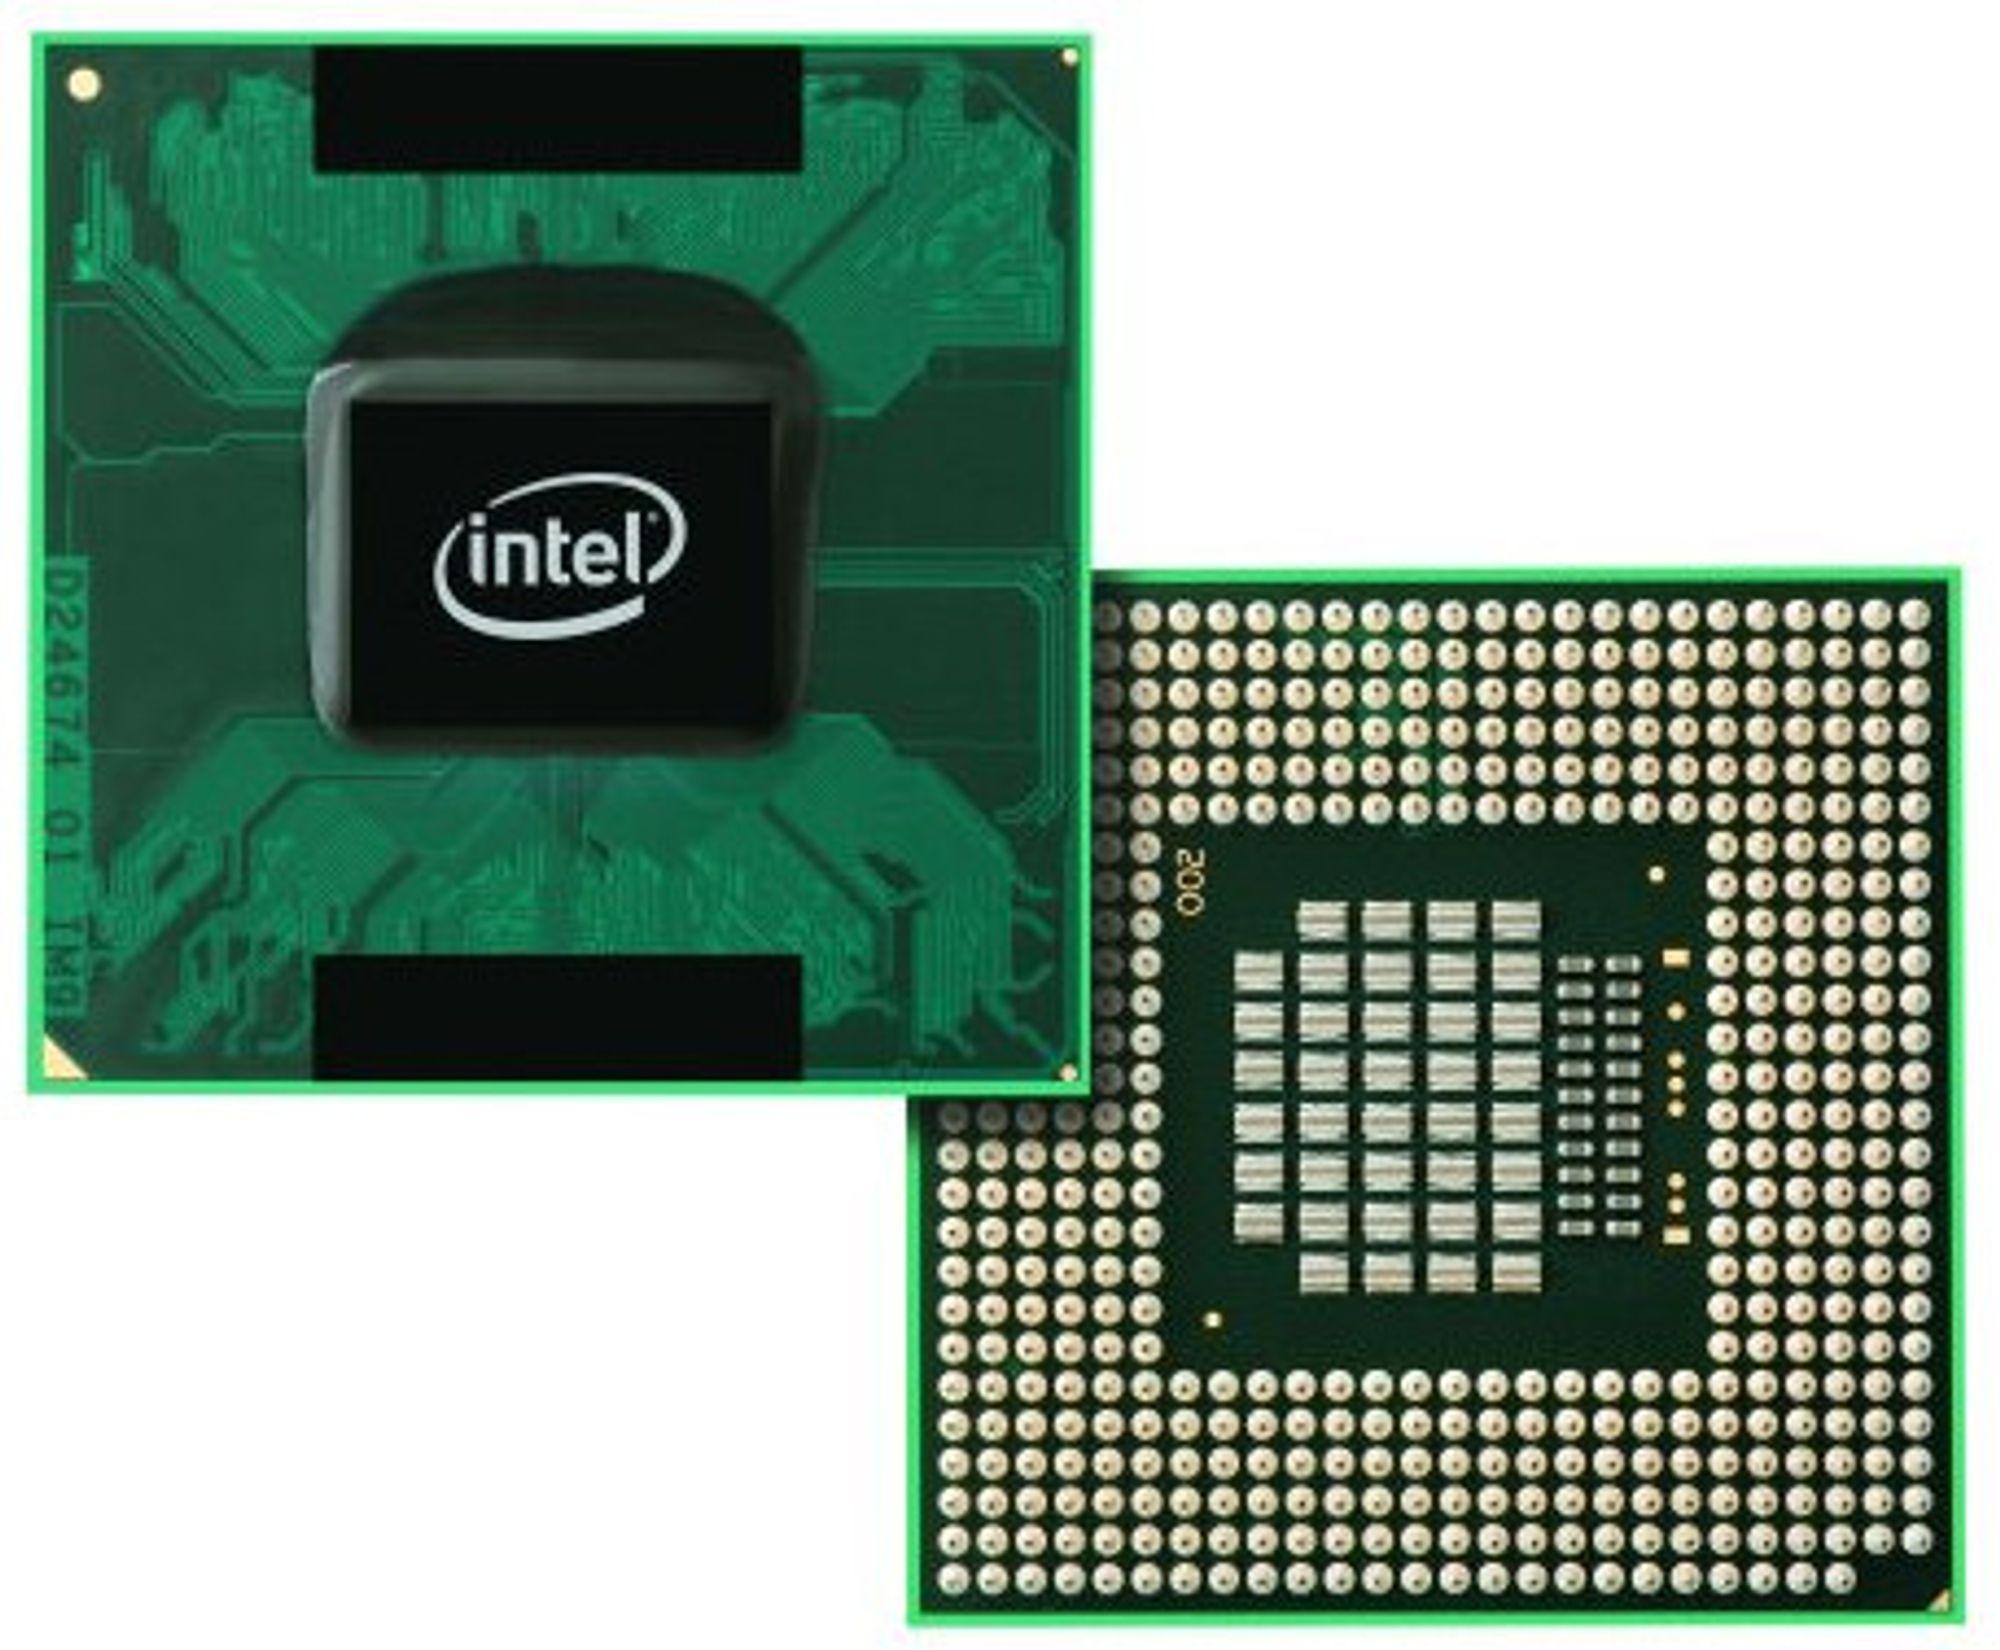 Core 2 Extreme X7900 får snart en etterfølger